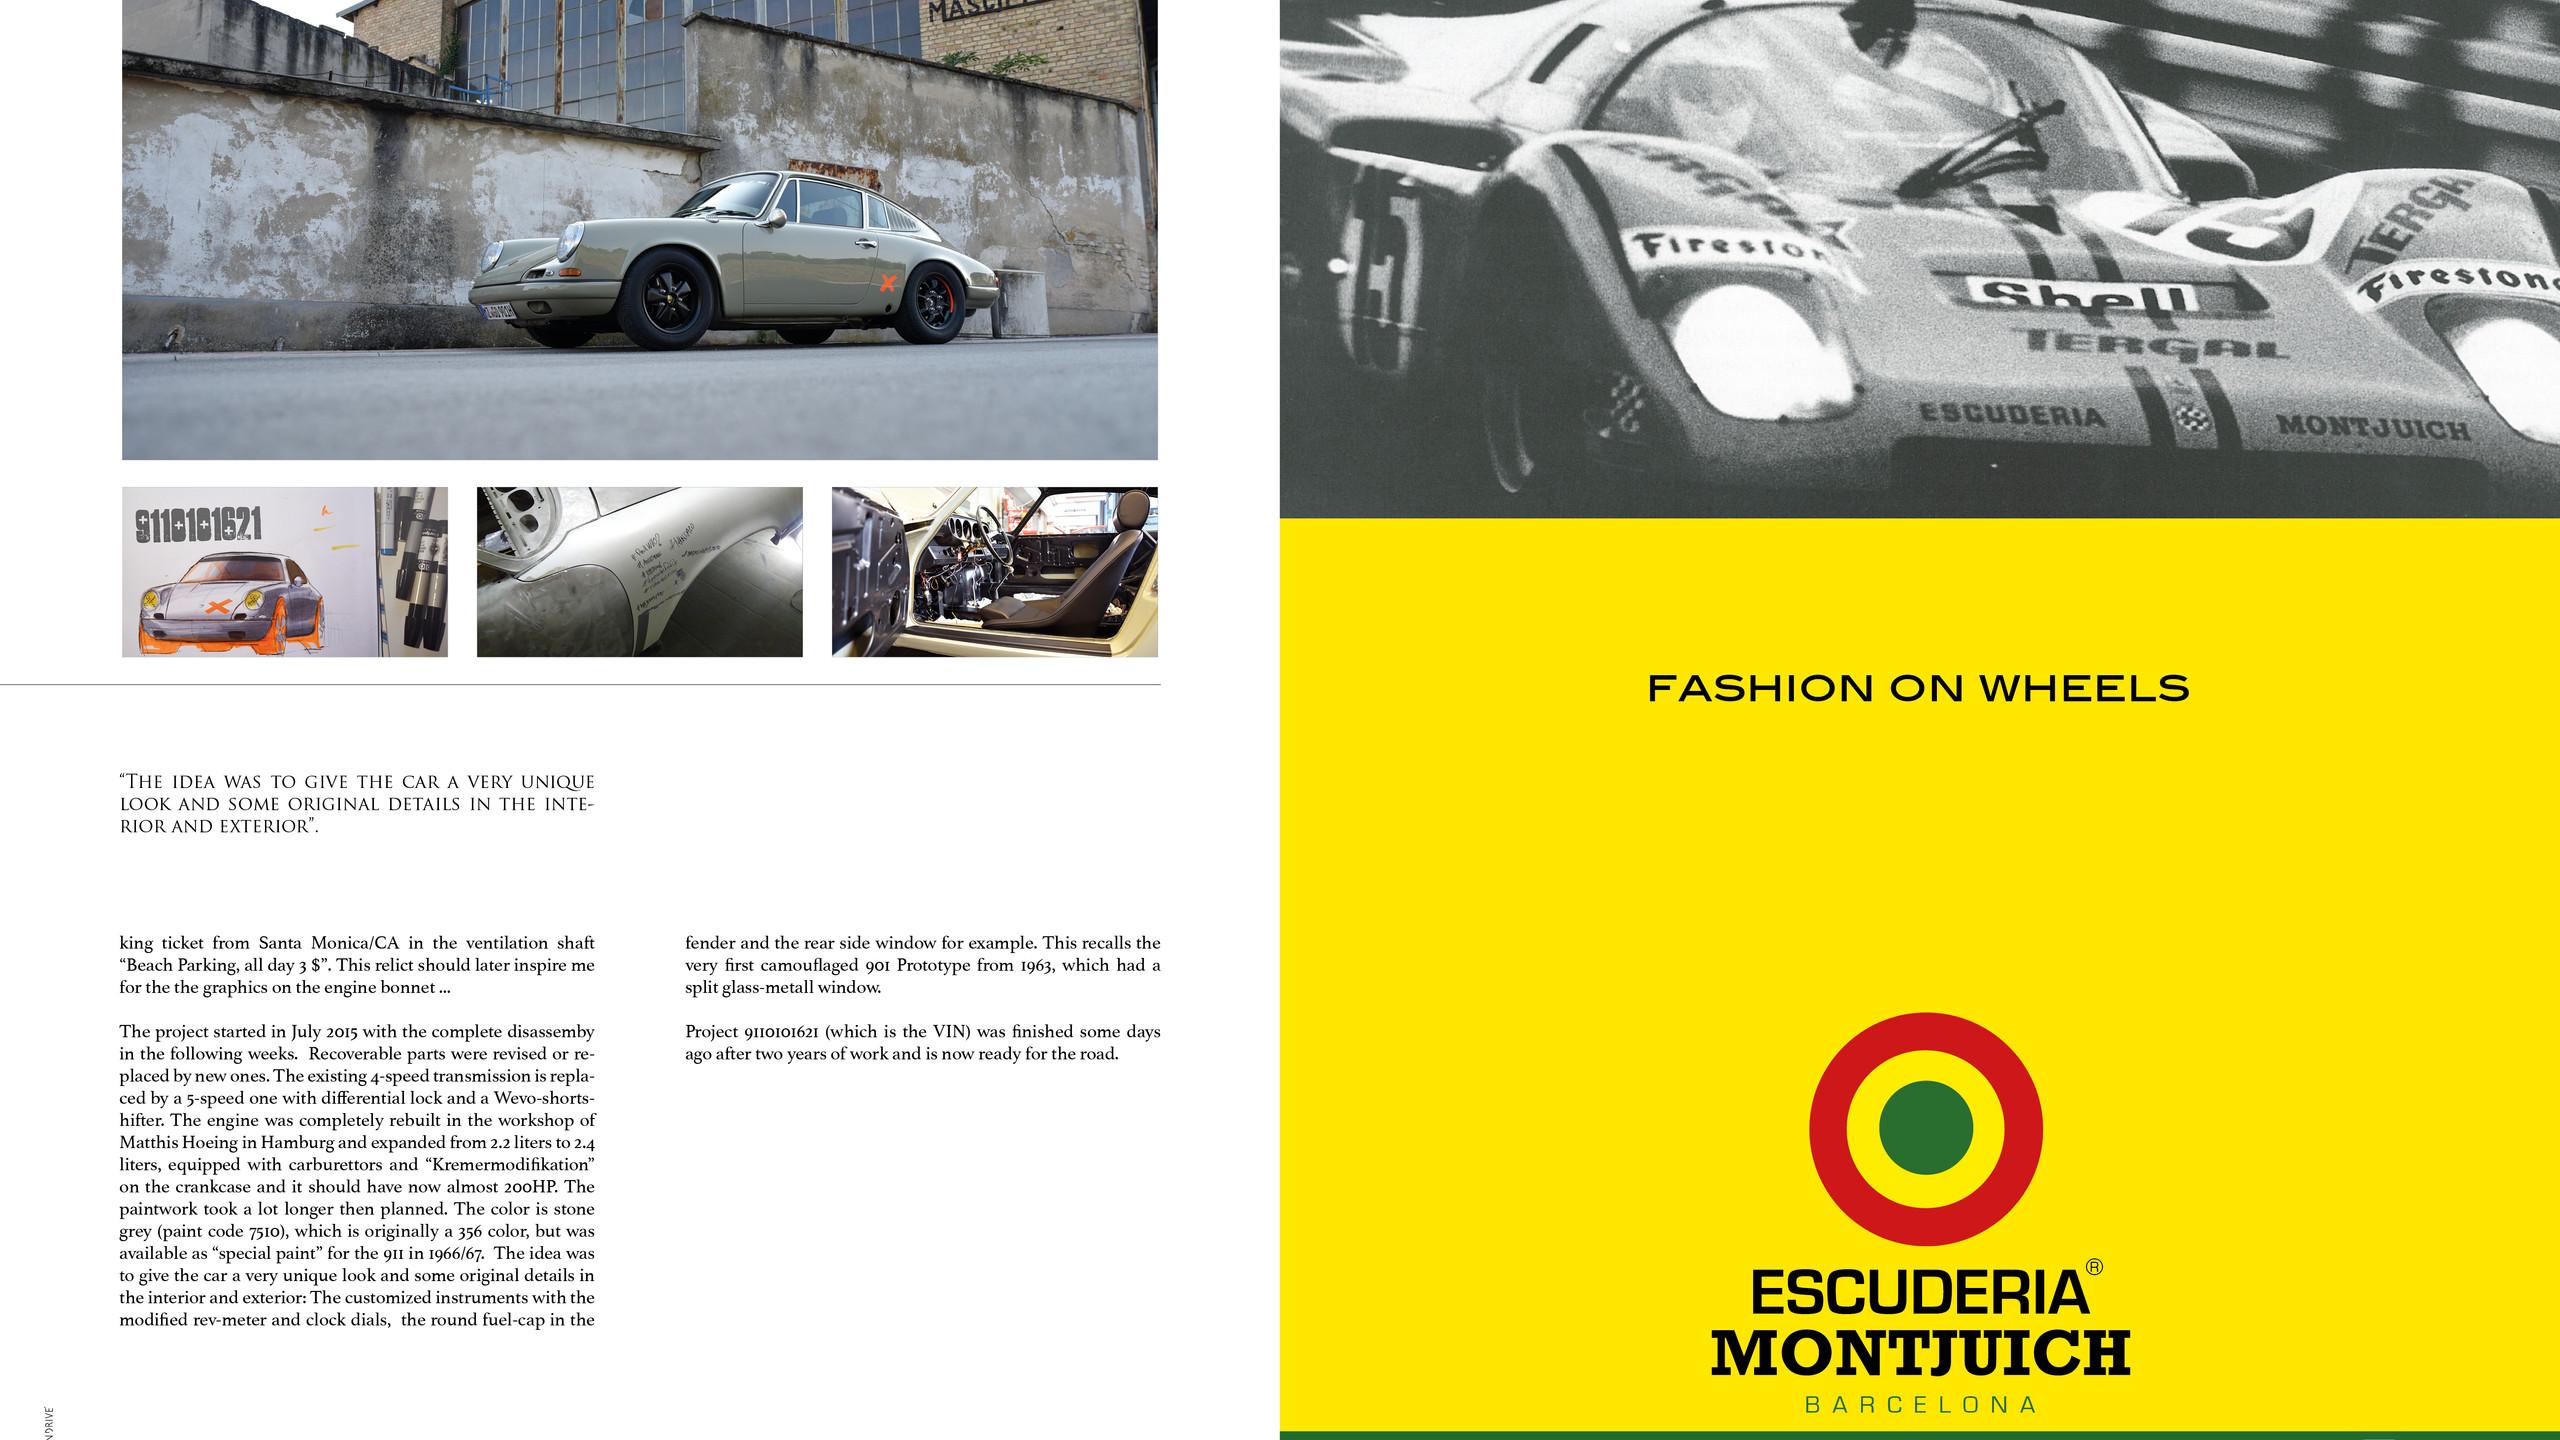 DRIVE28-Porsche-Markus Haub